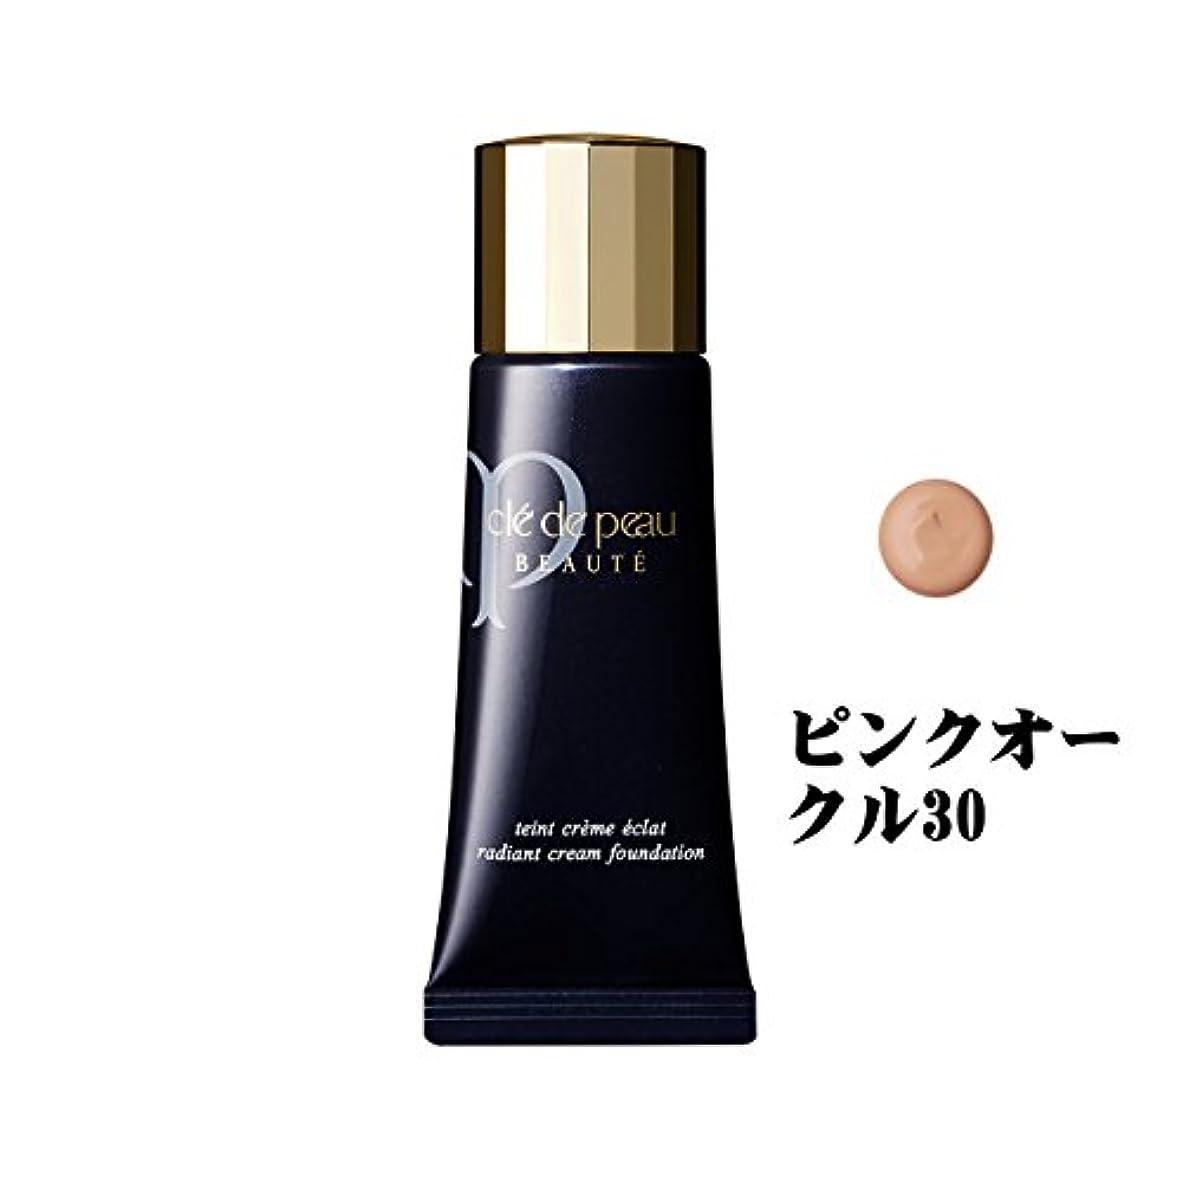 基本的な配管おめでとう資生堂/shiseido クレドポーボーテ/CPB タンクレームエクラ クリームタイプ SPF25?PA++ ピンクオークル30